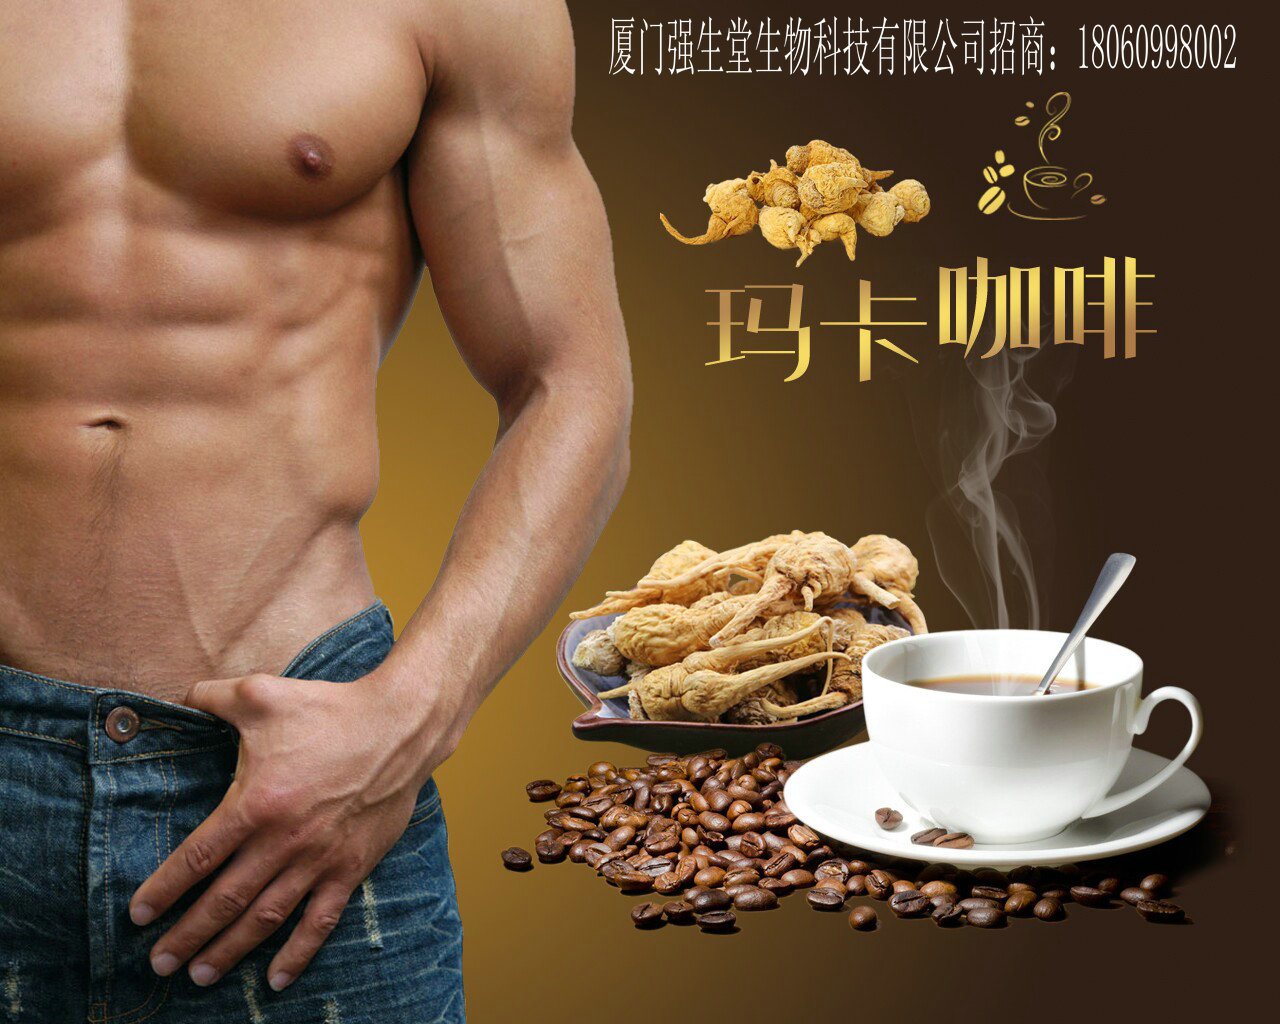 瘦身咖啡 最小起订量:10000      计量单位:包      产品单价:2.